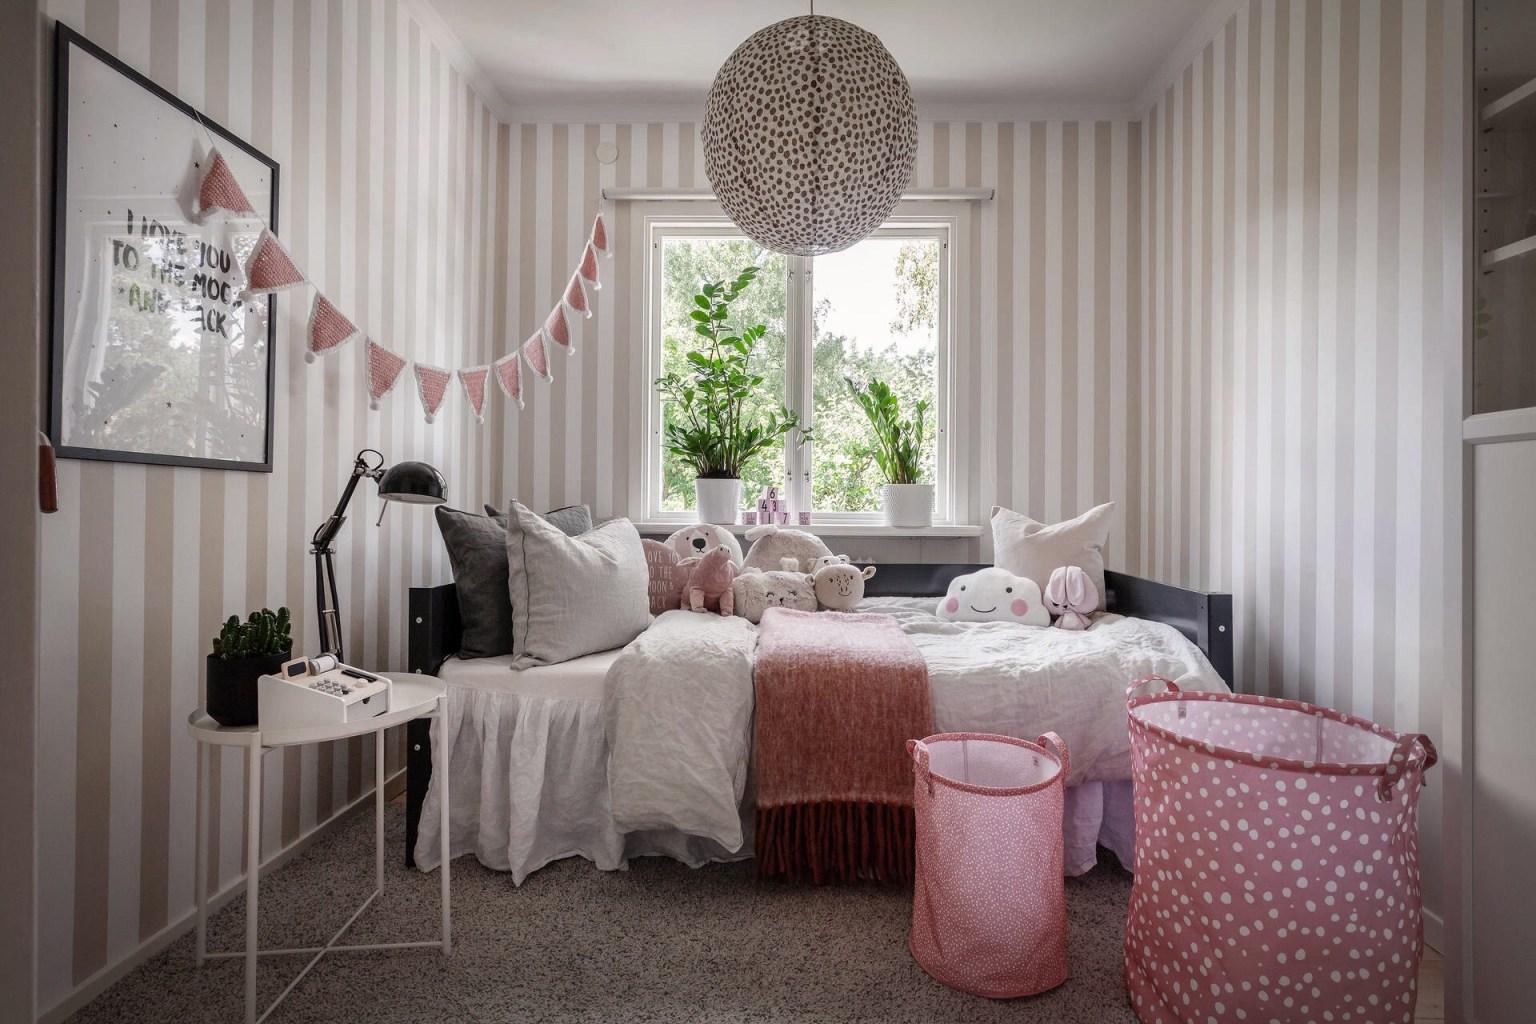 """25 kids room striped walls 16056887145301508397917 - Căn nhà cấp 4 màu xanh da trời nhìn ngoài thì bình thường mà bên trong khiến ai cũng """"sững sờ"""""""